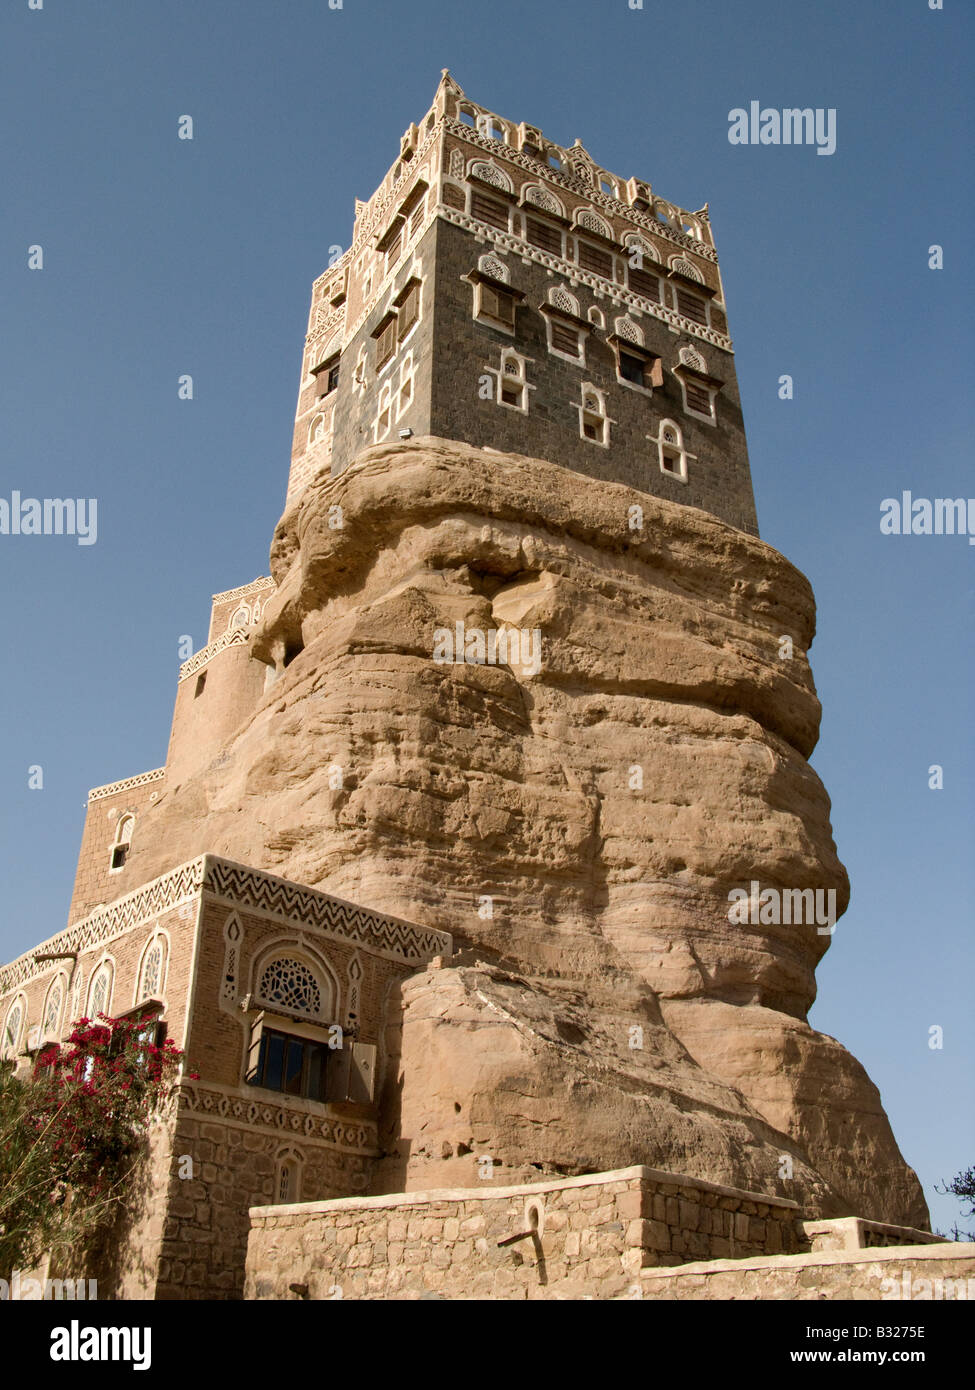 Rock Palace of Imam Yahya of Yemen - Stock Image